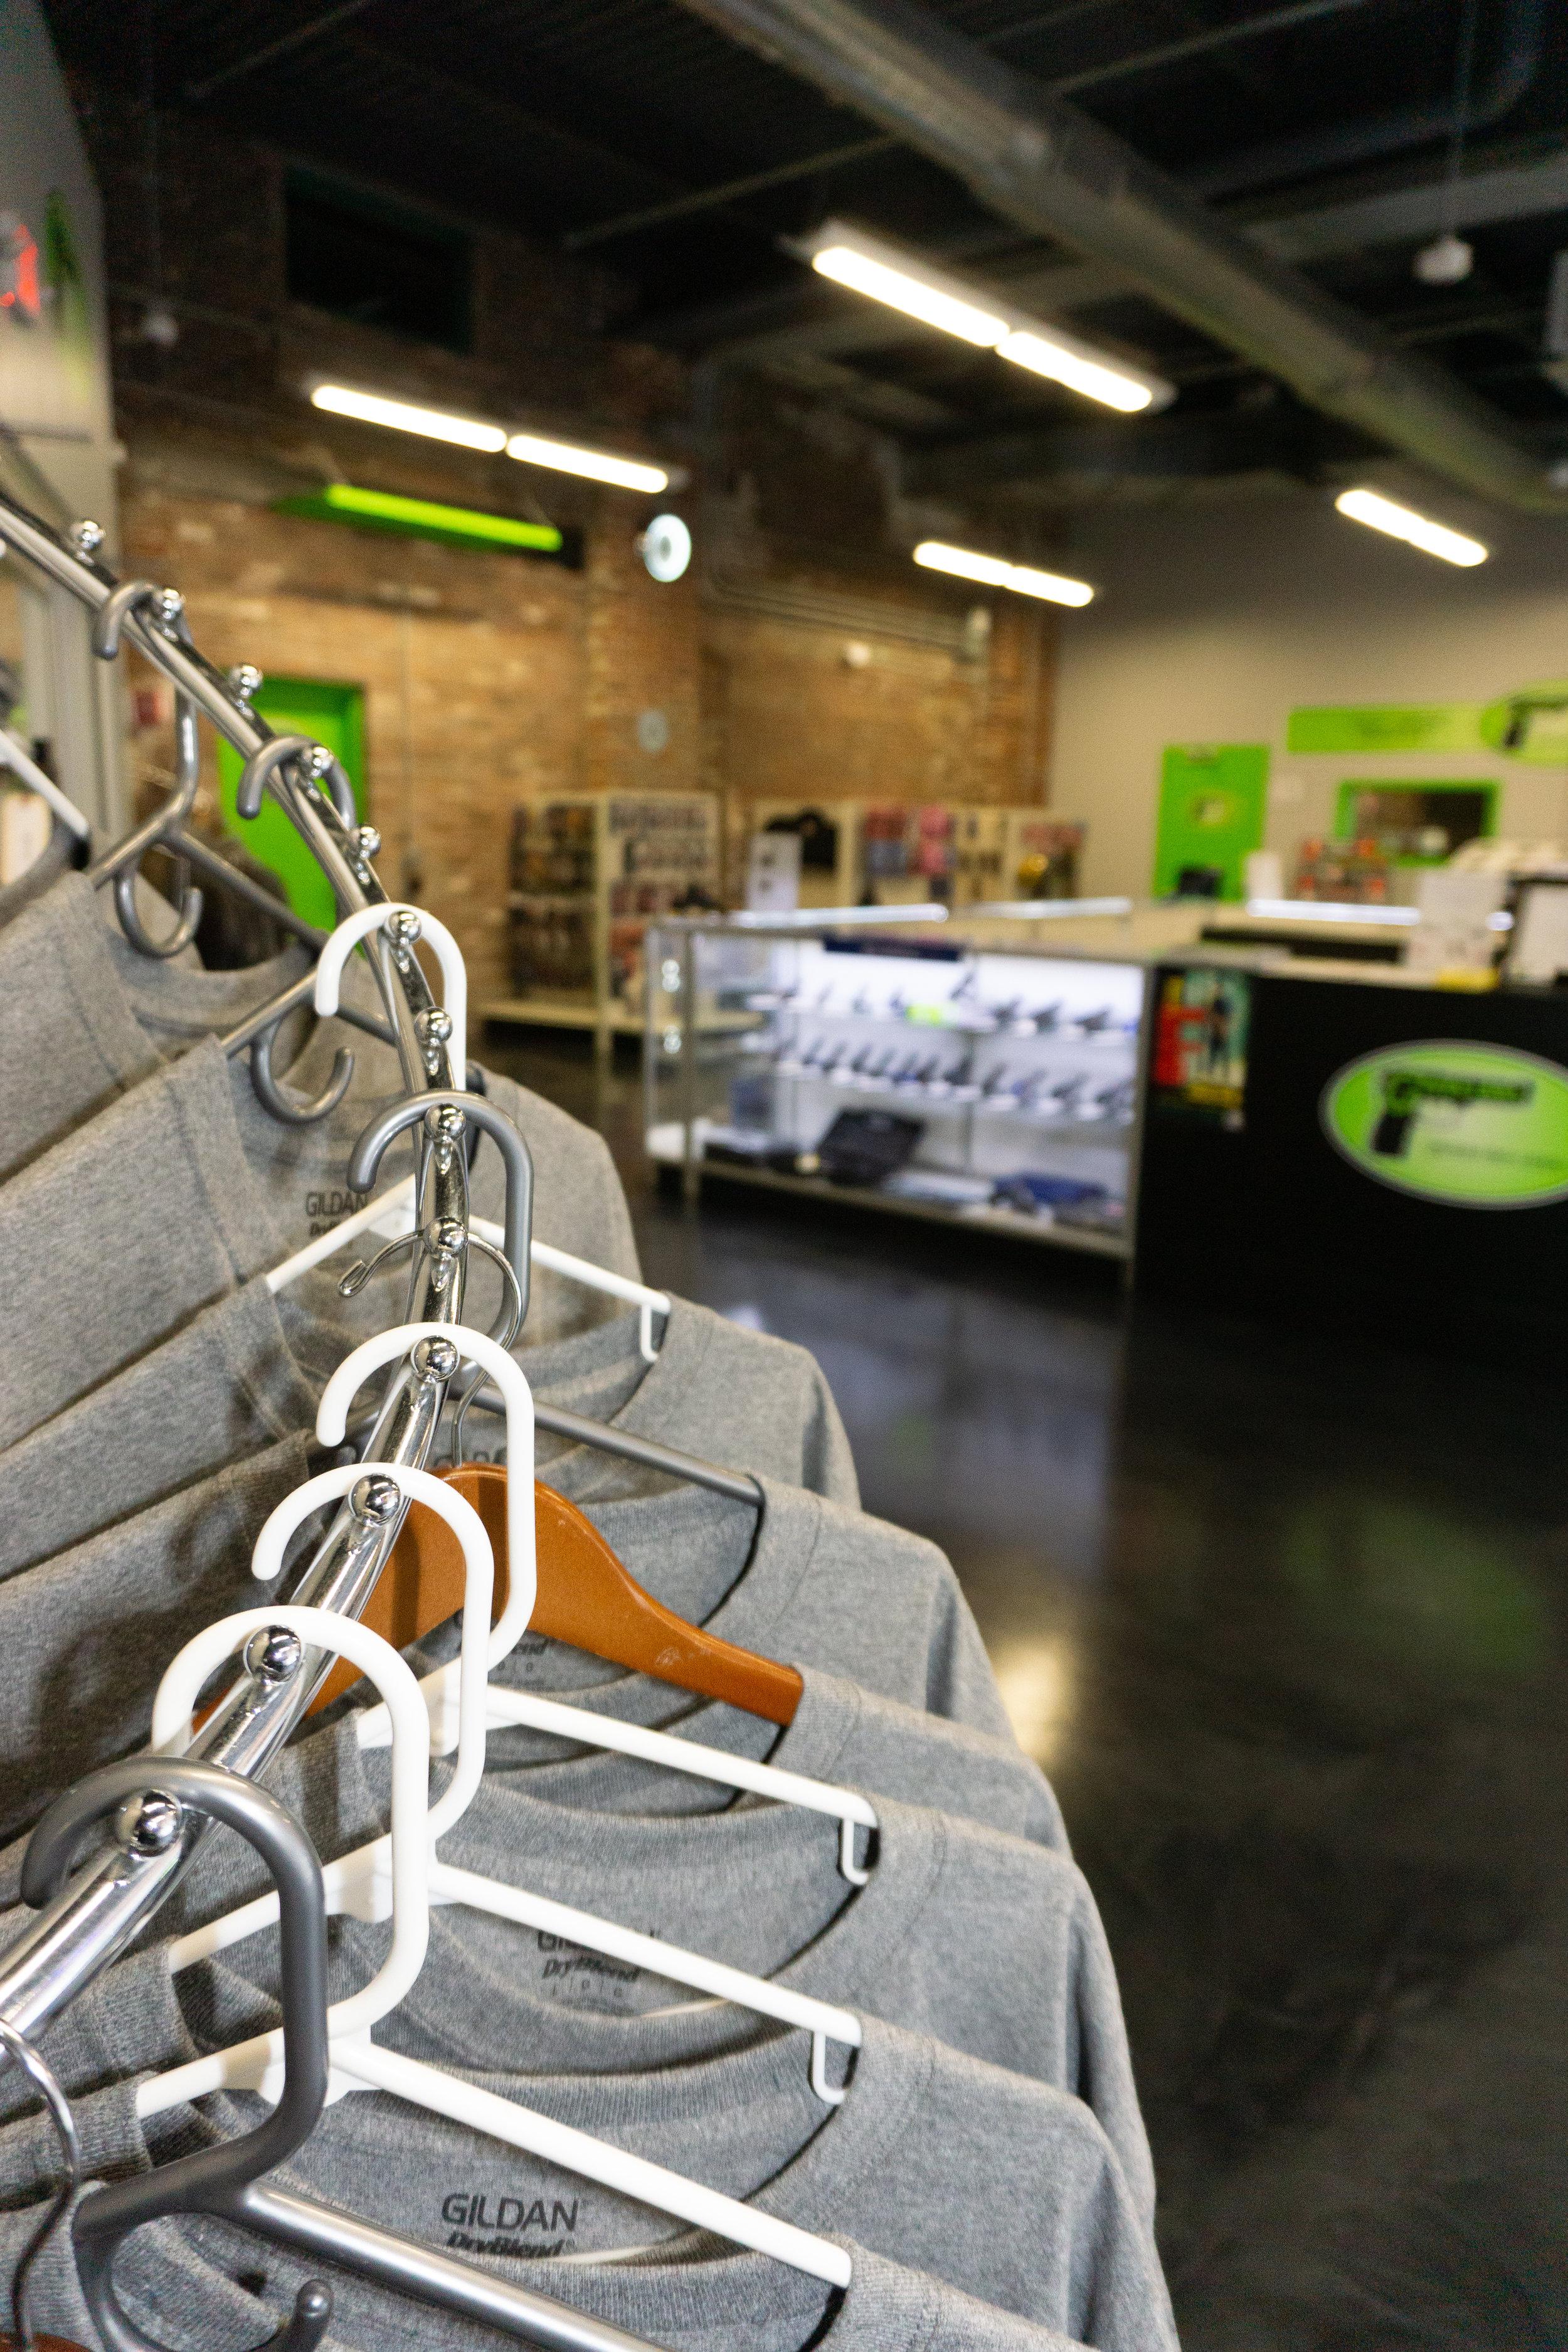 Western Mass Gun Shops | Hot Brass (Guns Inc.)